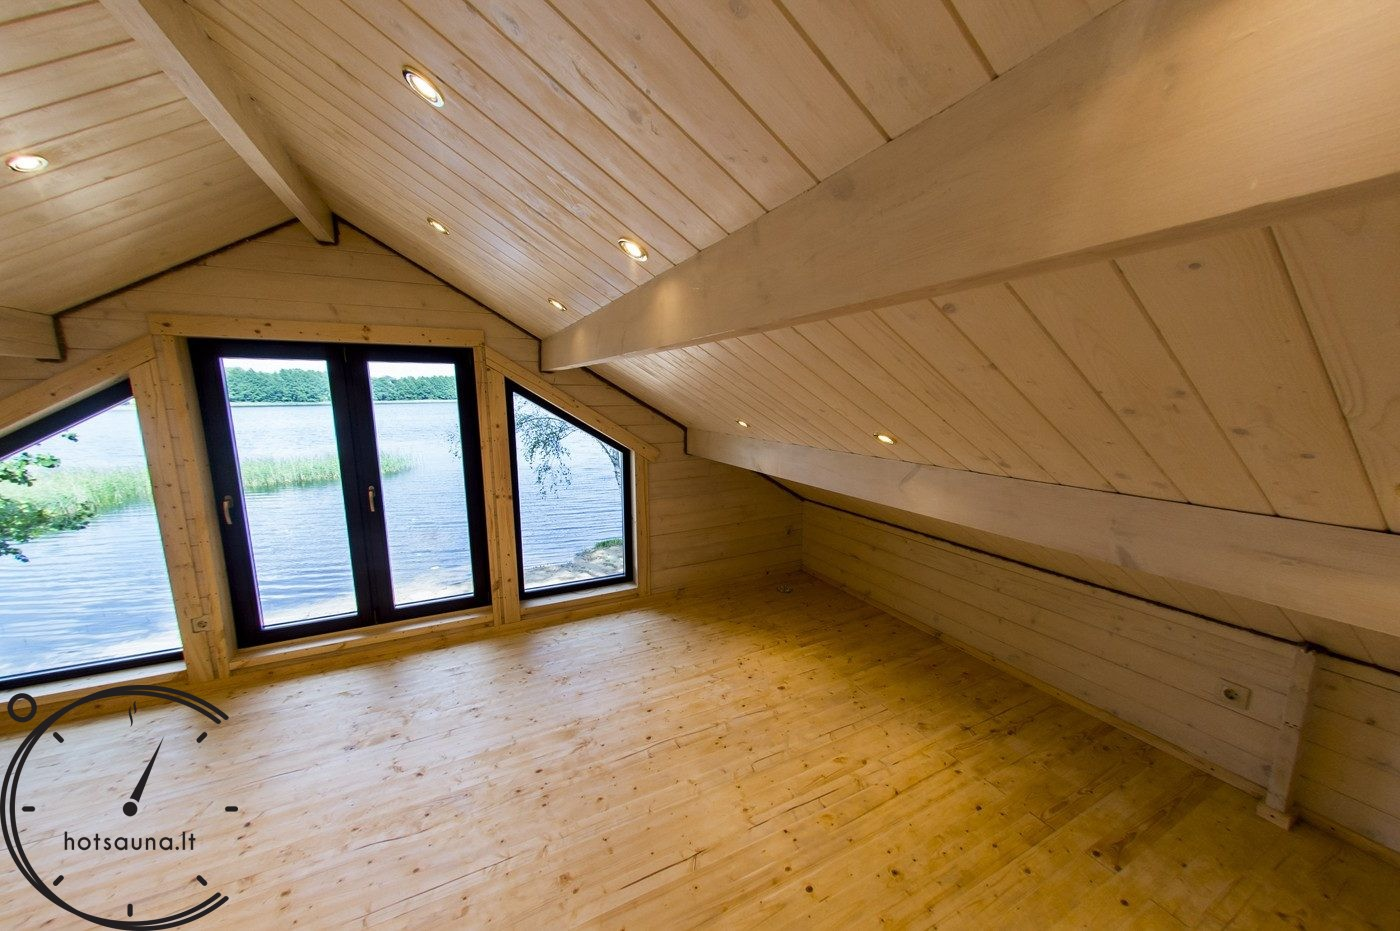 sauna for sale außerhalb der (23)